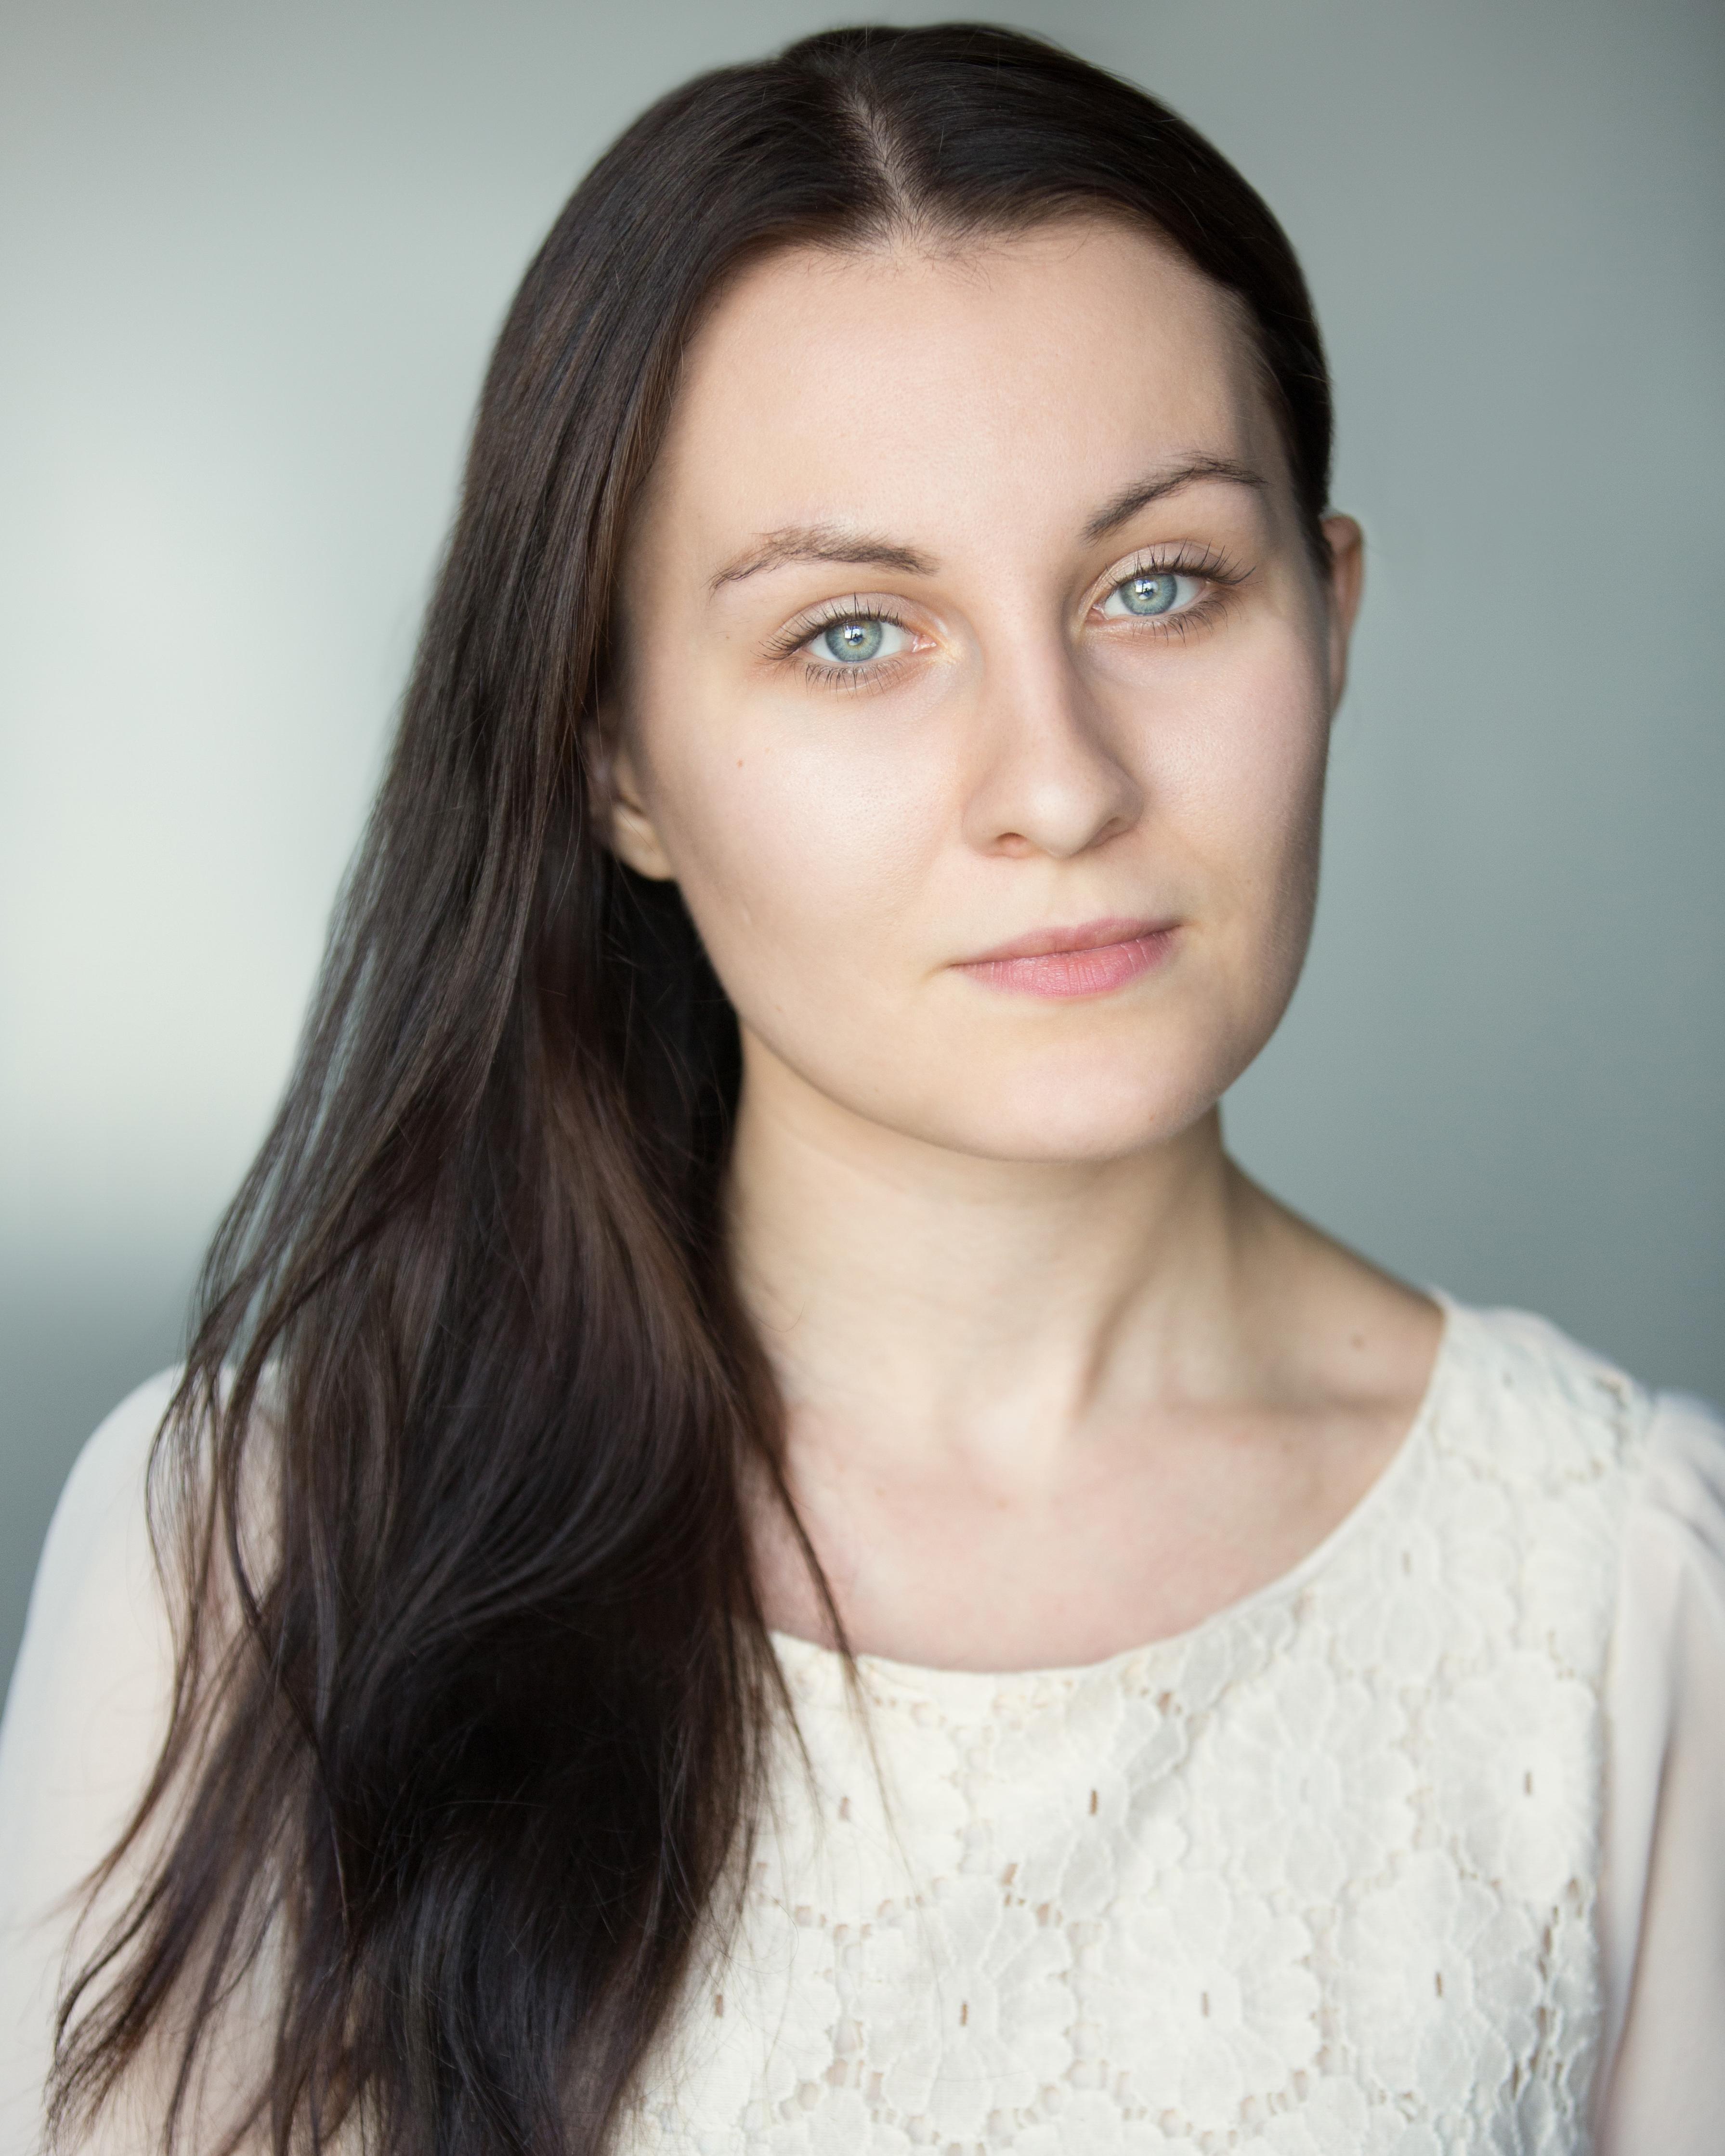 Natalie Pailing